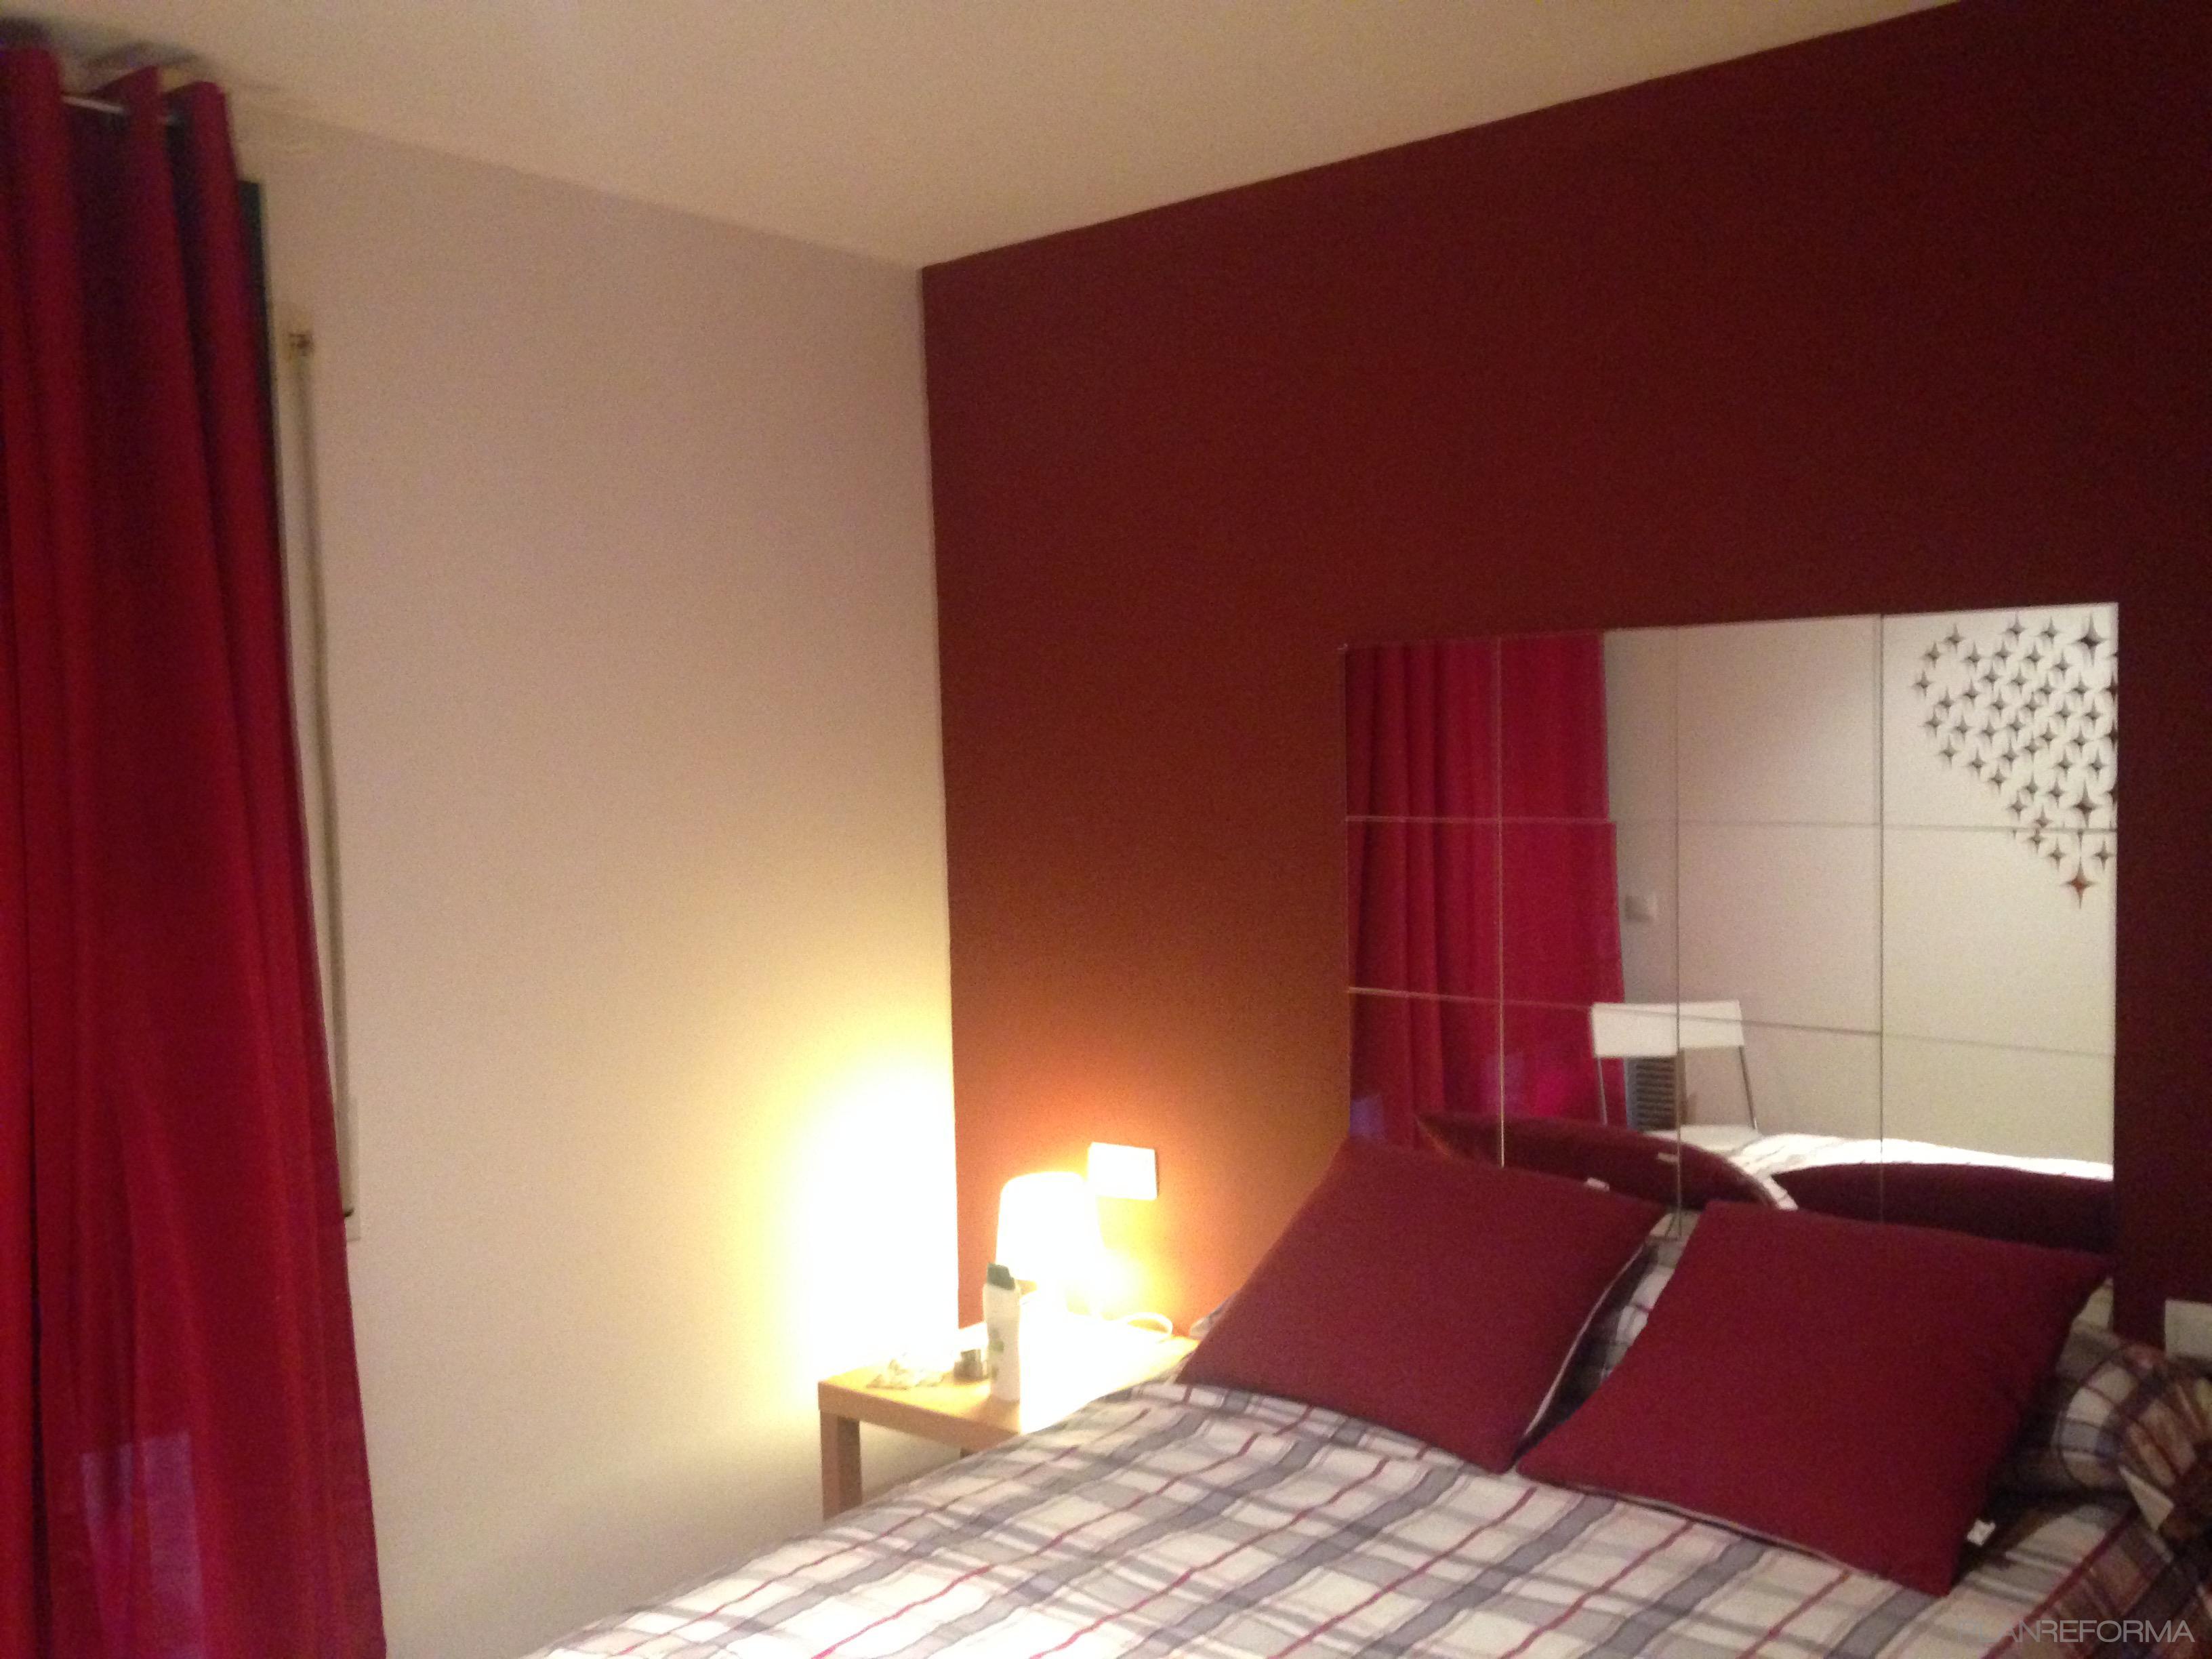 Dormitorio Estilo moderno Color rojo marron gris